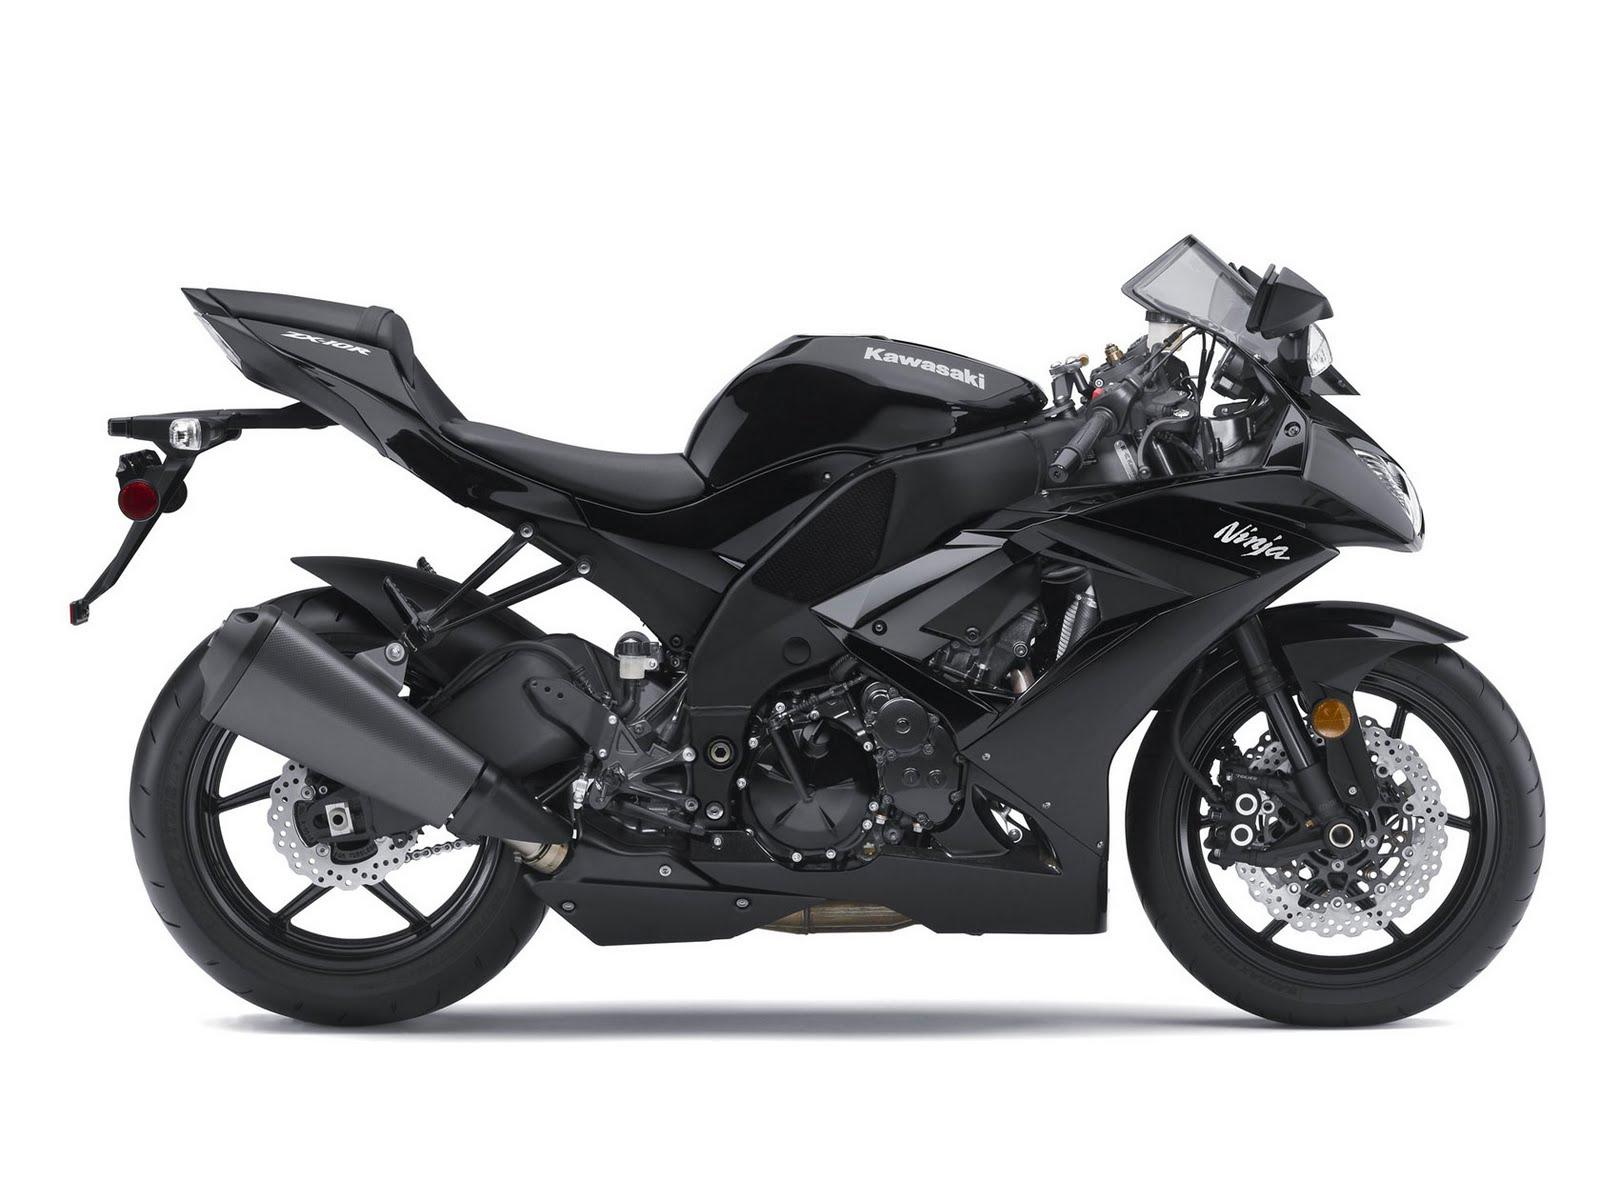 Kawasaki Ninja ZX 10R Sportbike